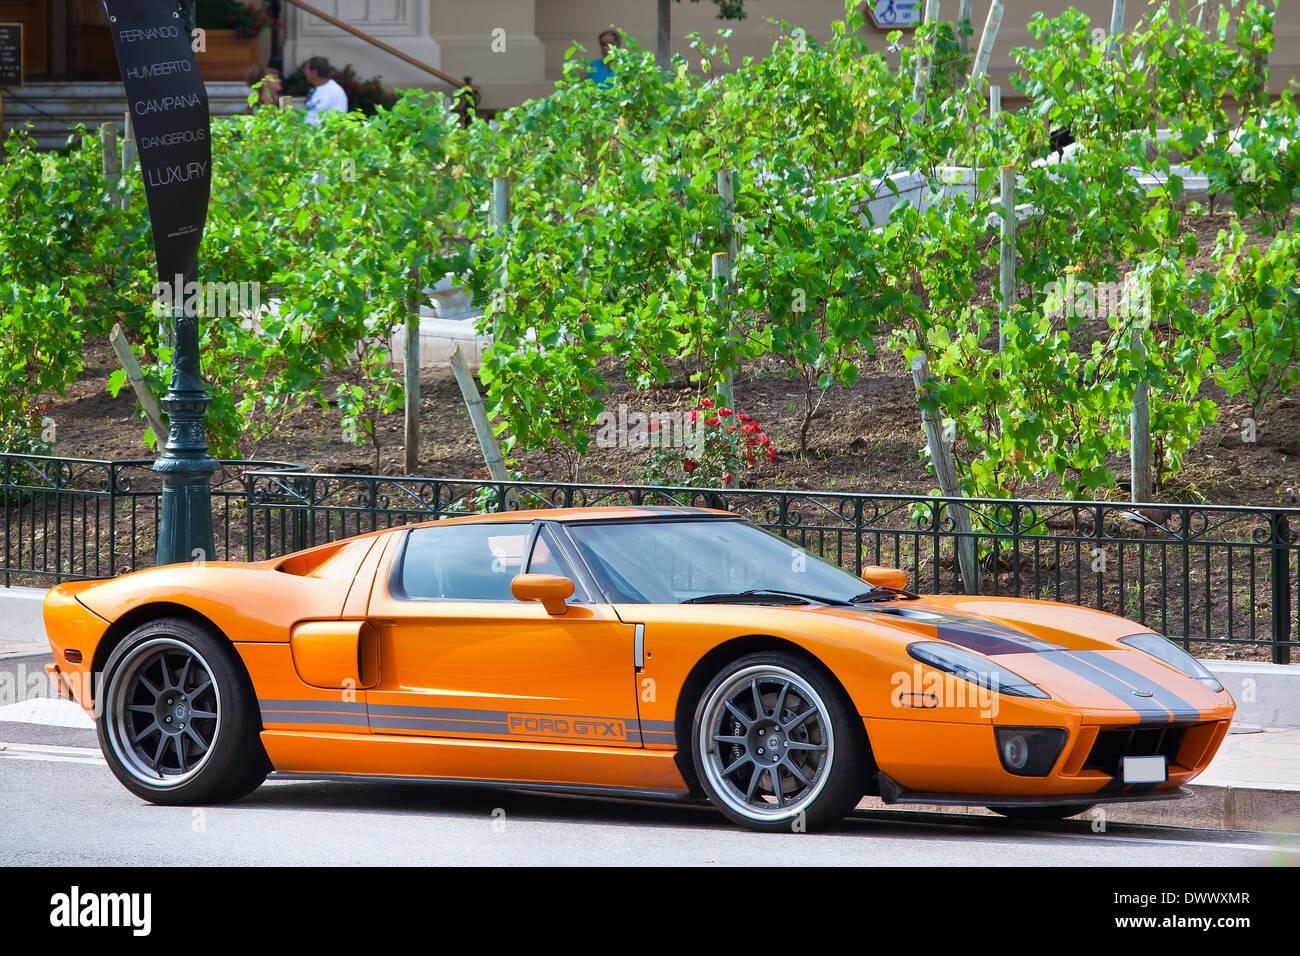 Auto di lusso lungo la Strada di Monte Carlo, Monaco. Immagini Stock